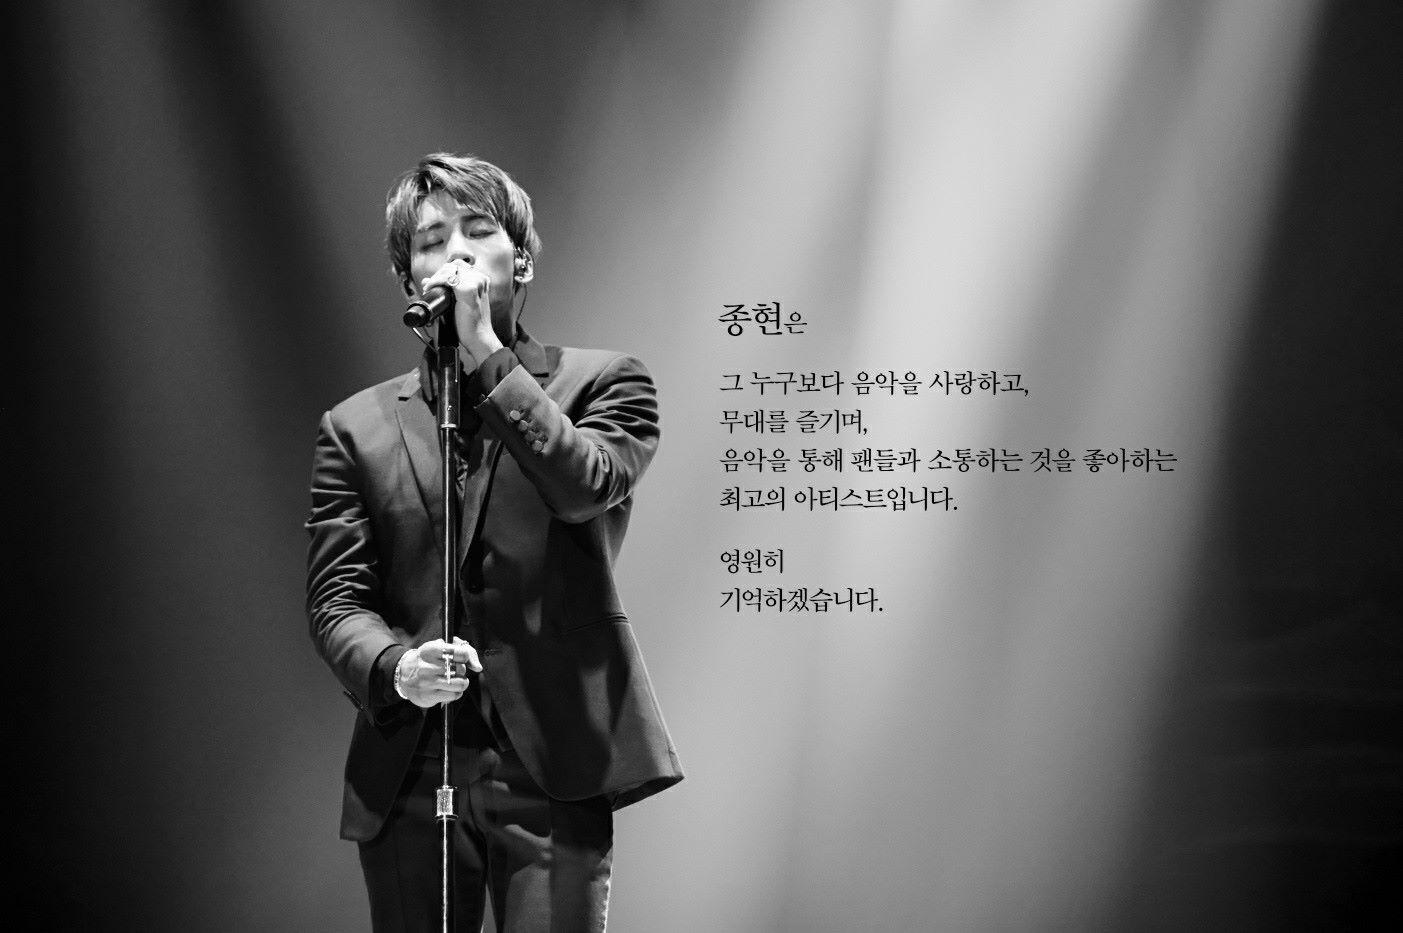 而經紀公司SM也於今日早上發文緬懷鐘鉉。 「鐘鉉是  比起任何人都還要熱愛音樂, 享受舞台, 並喜愛透過音樂和歌迷們交流的  最棒的藝人。 將會永遠記得你。」 我們會永遠記得鐘鉉的...